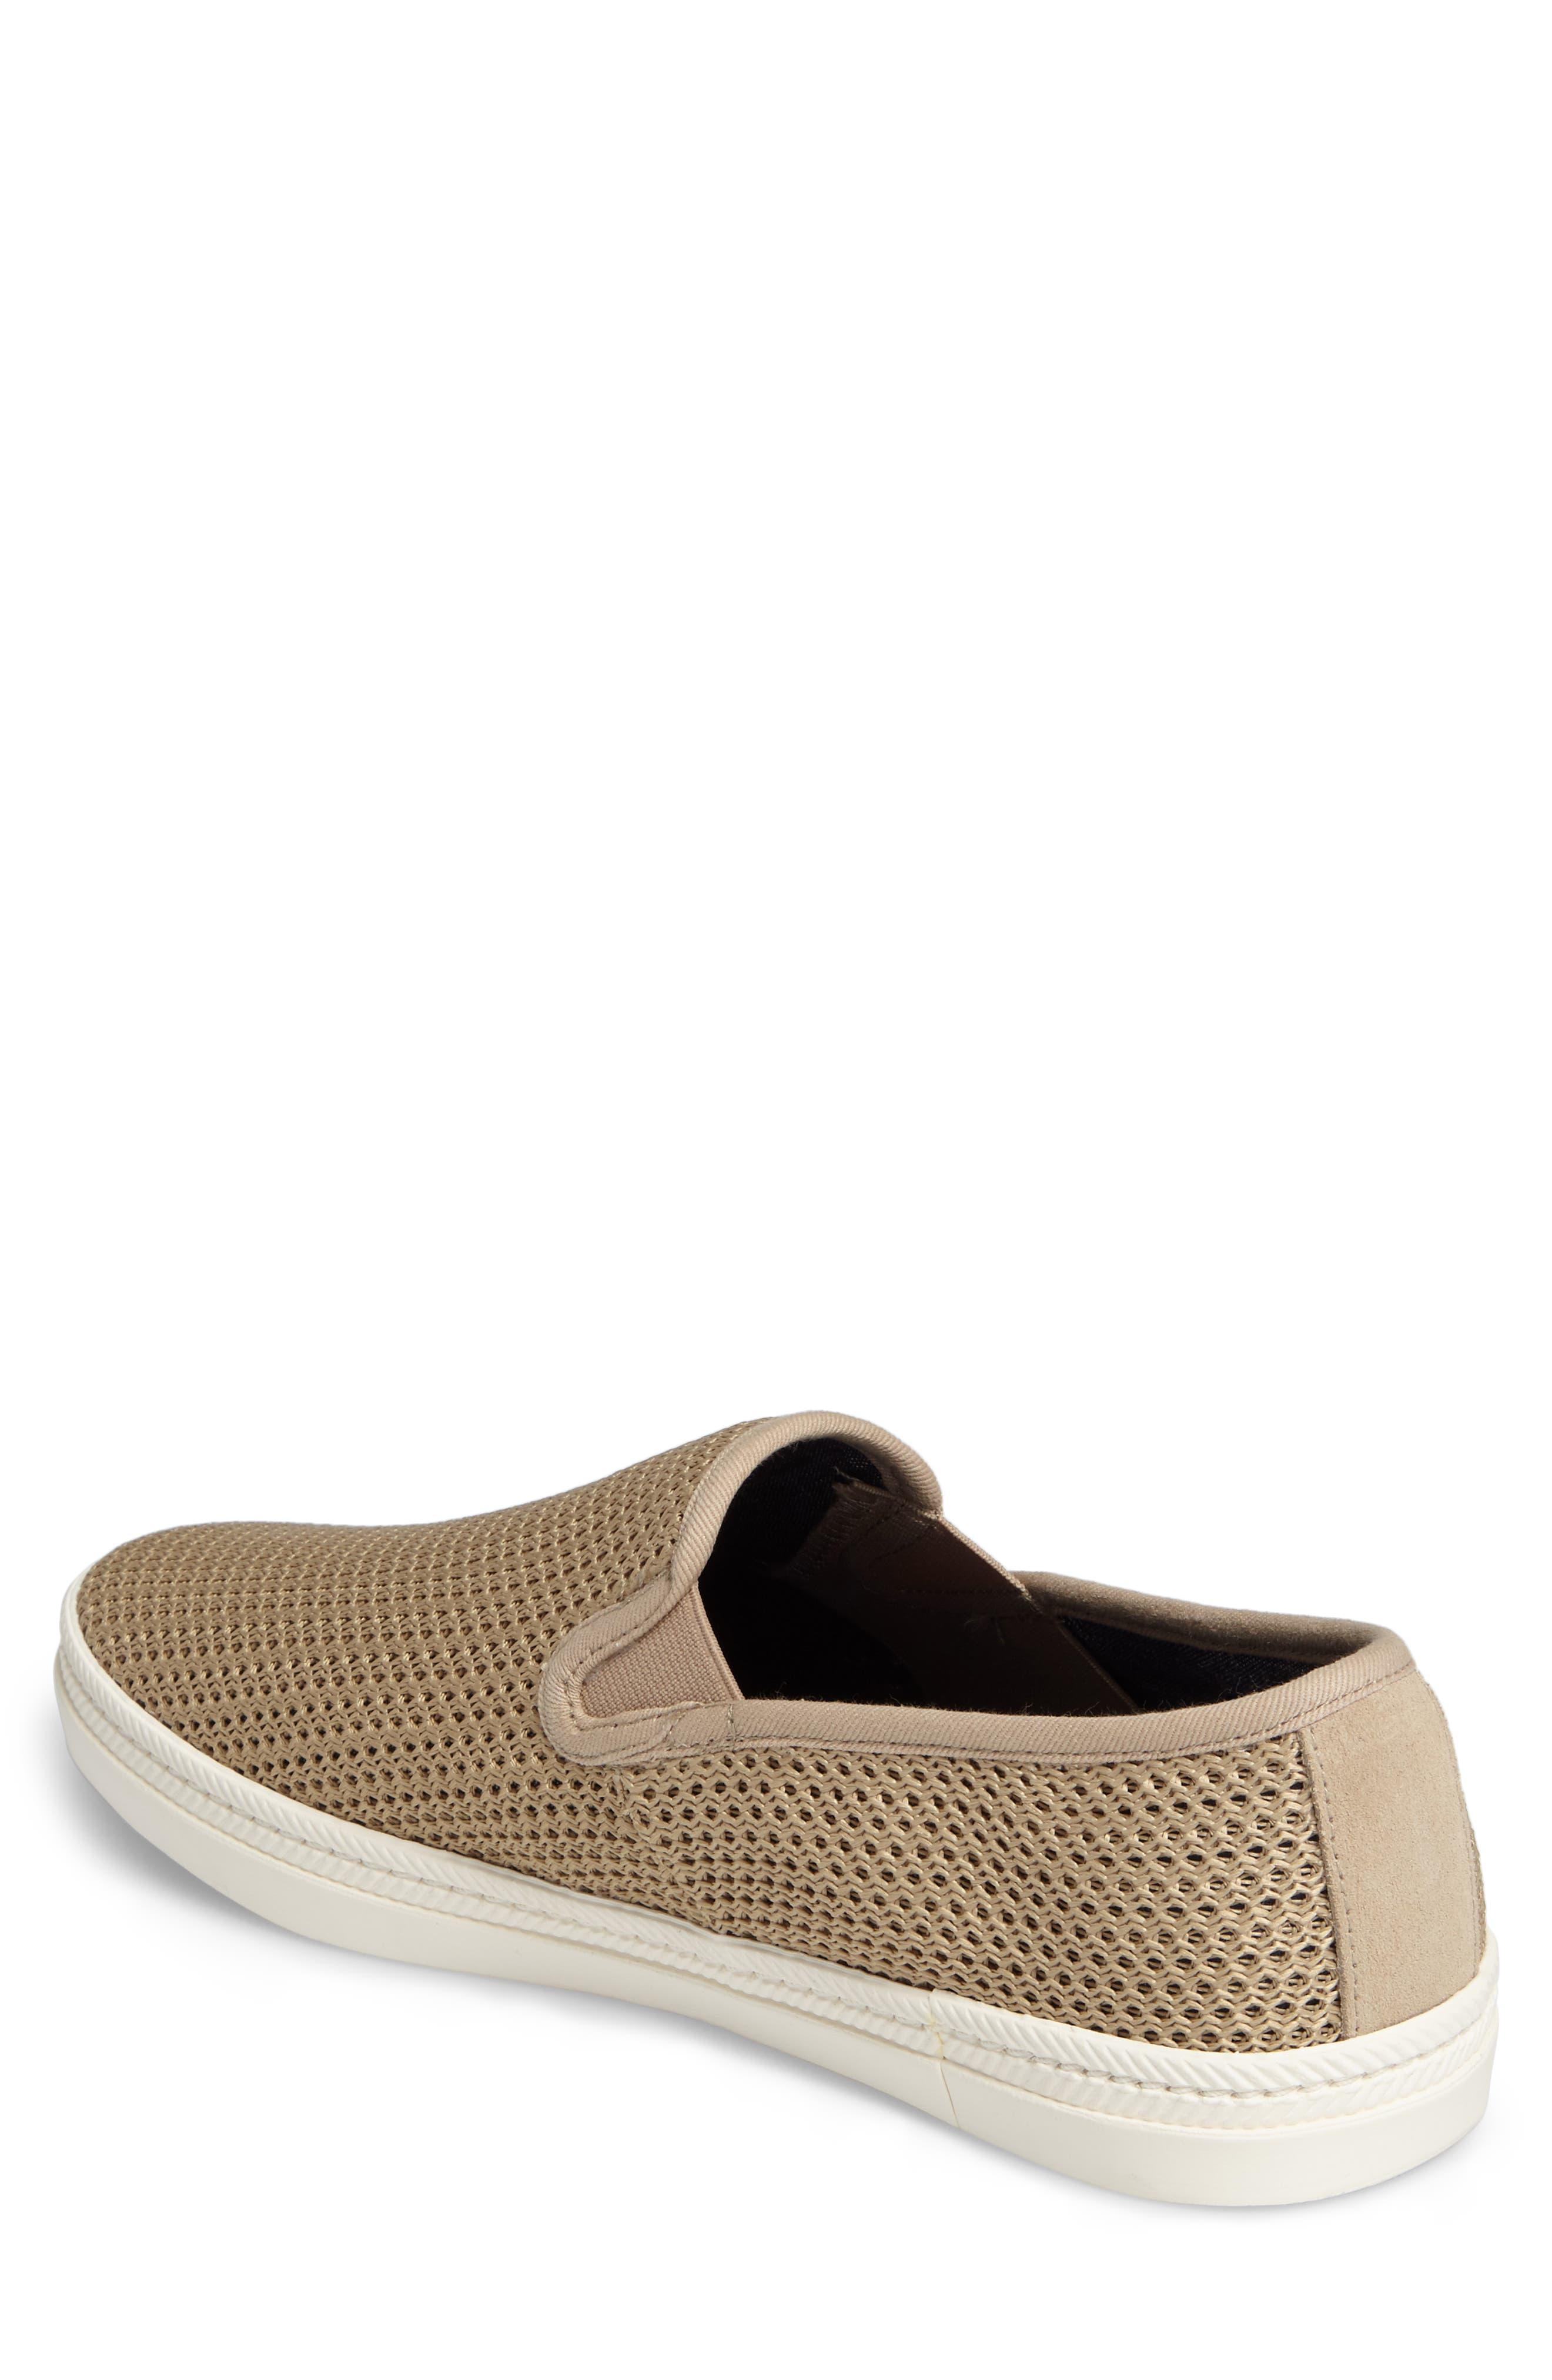 Delray Woven Slip-On Sneaker,                             Alternate thumbnail 2, color,                             252